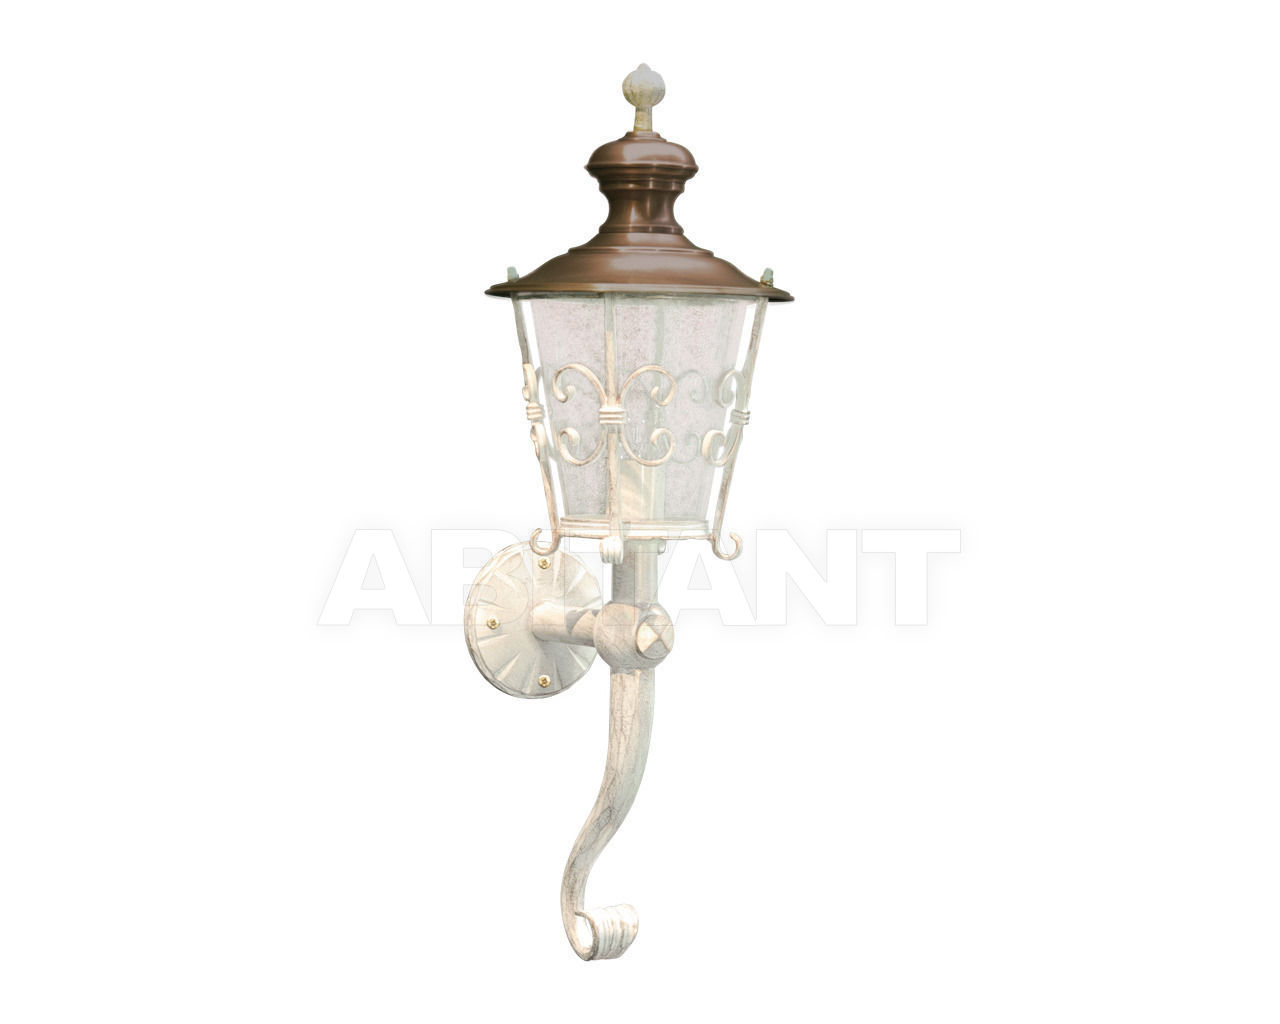 Купить Фасадный светильник FMB Leuchten Schmiedeeisen Lampen Und Leuchten 90124